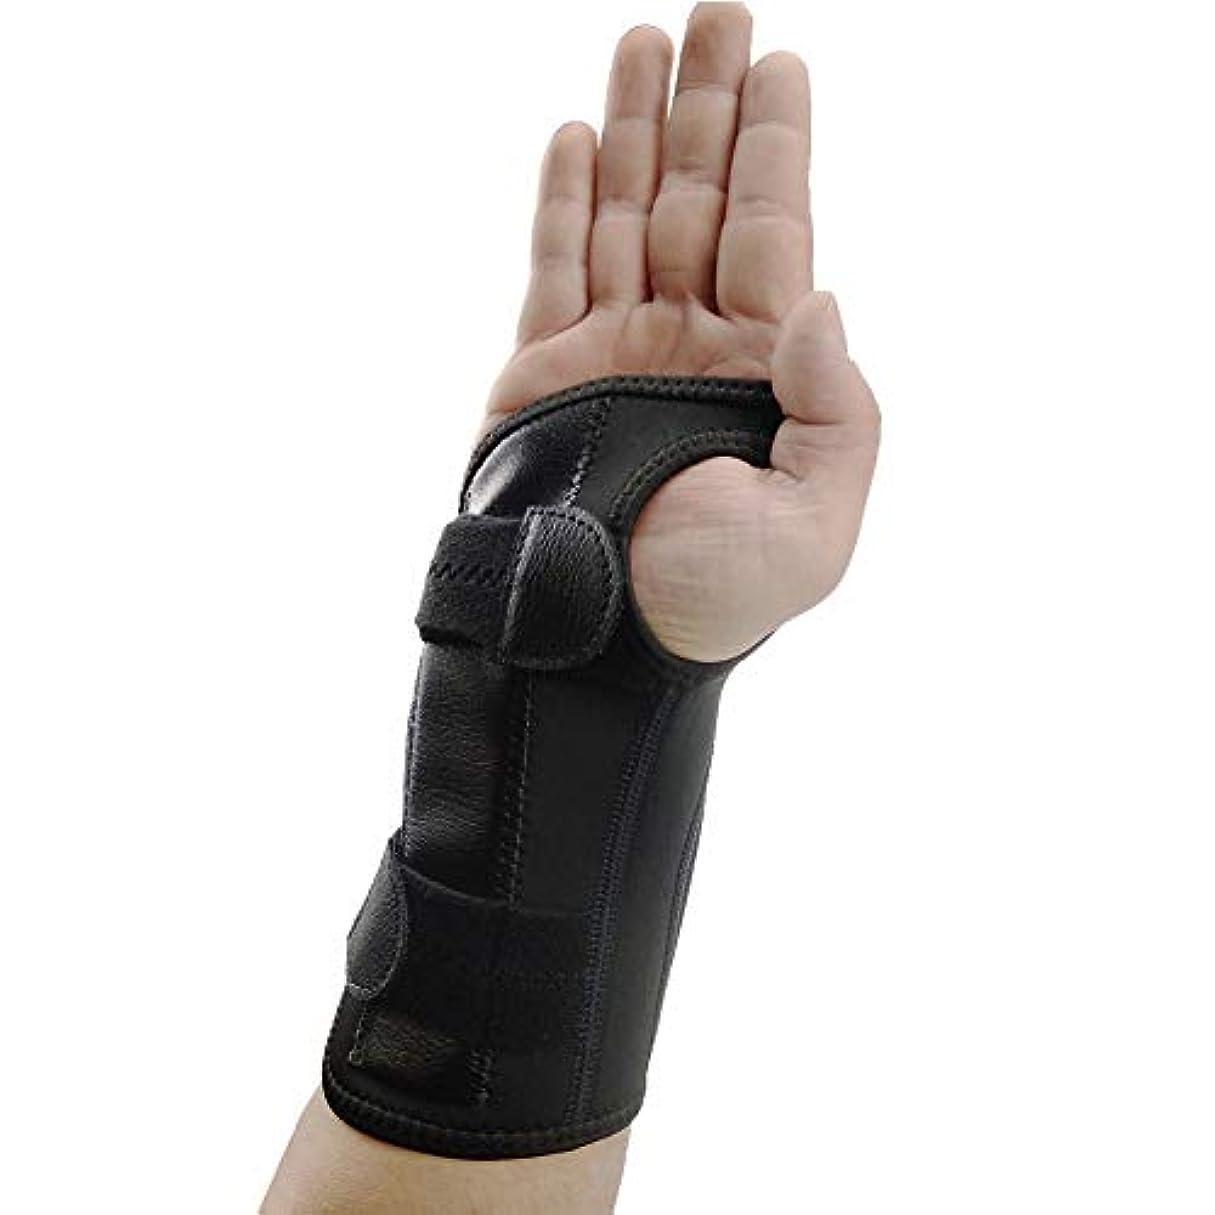 提唱するナインへ腰腱炎、関節炎、捻挫&破壊前腕サポートキャストのための手首の親指スプリント、スタビライザーのための親指のスプリントと手首ブレース